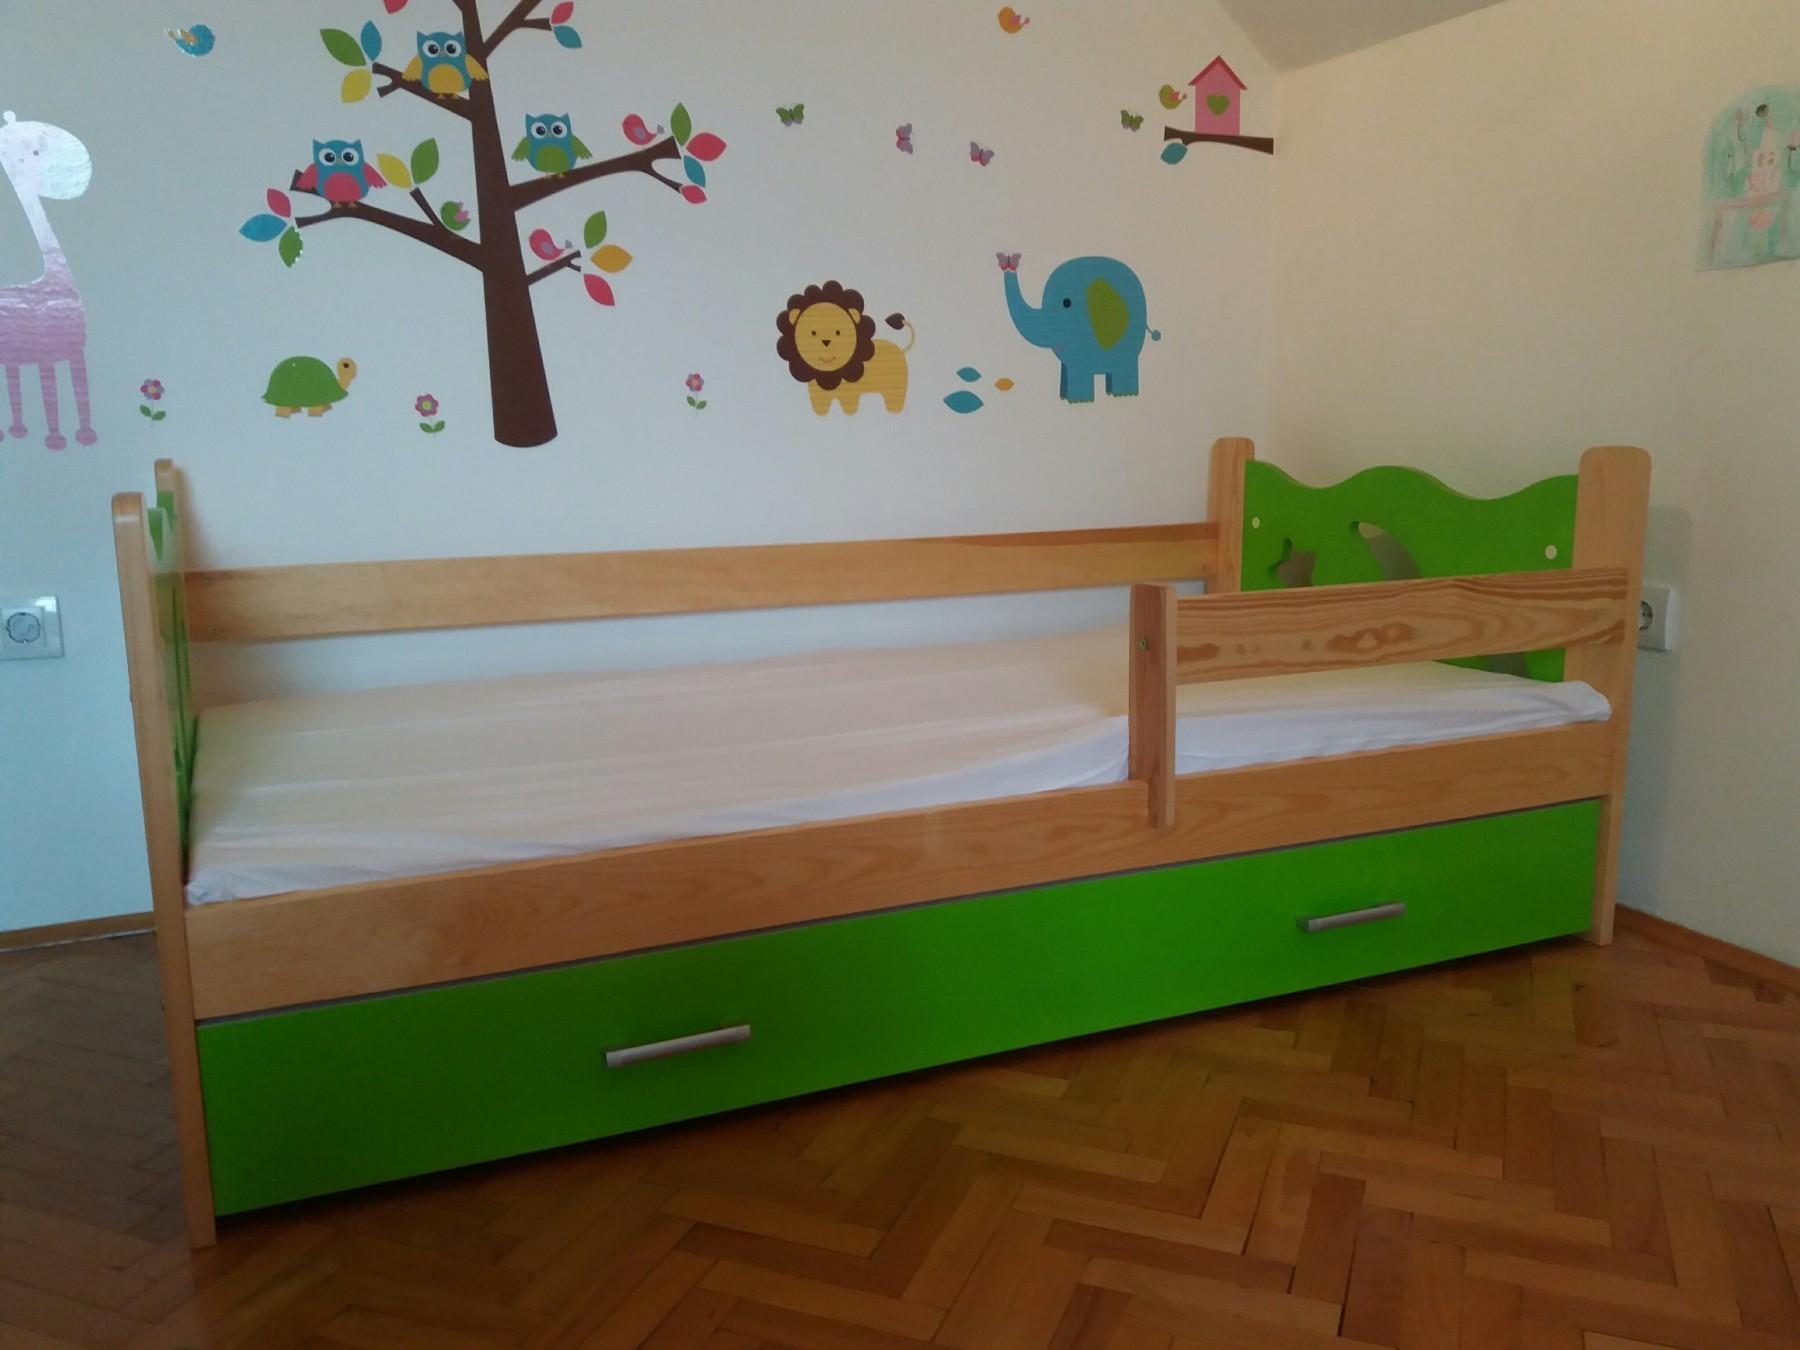 deciji kreveti 160x80 Deciji krevet SAMO DANAS   Kupindo.(35270787) deciji kreveti 160x80